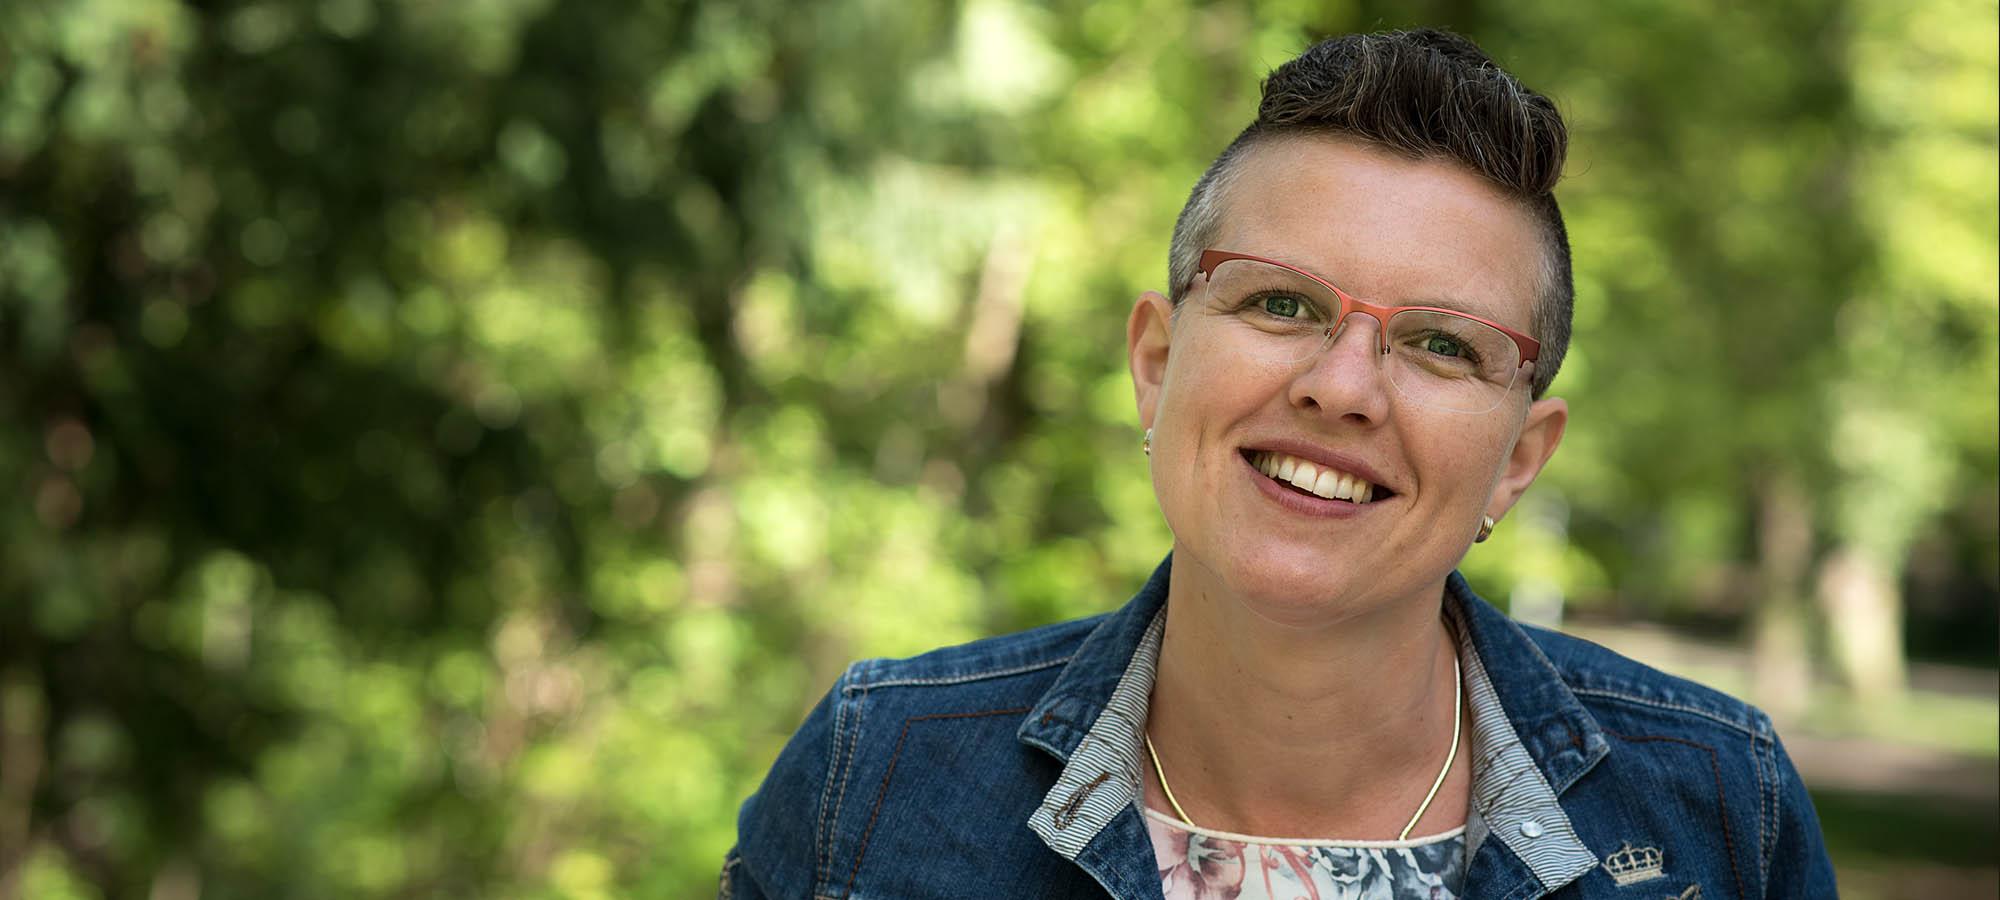 Mariska van der Hoek – Luister!  @ LaSirel